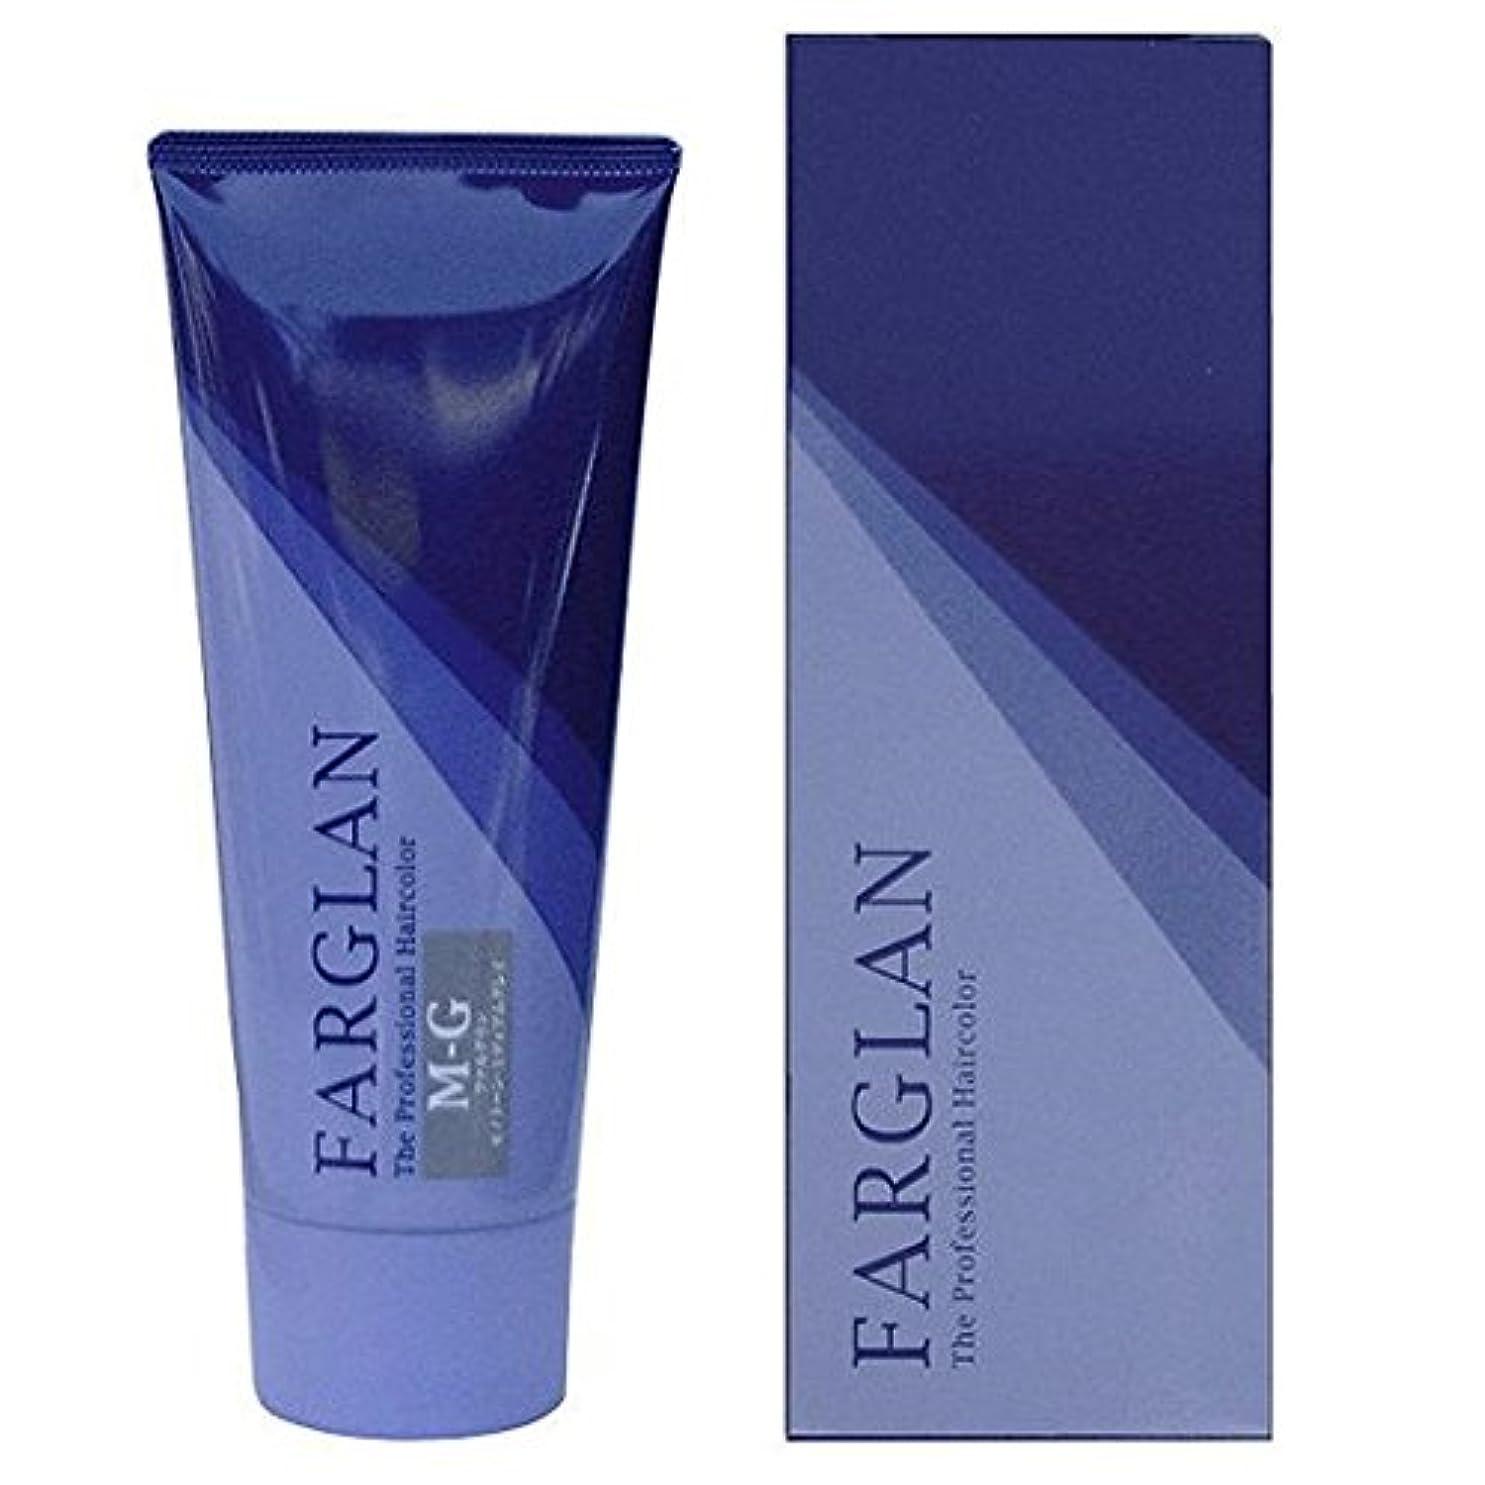 明らかにするつぶやき盆FARGLAN(ファルグラン) ヘアカラー L-G(LIGHTGRAY) 160g